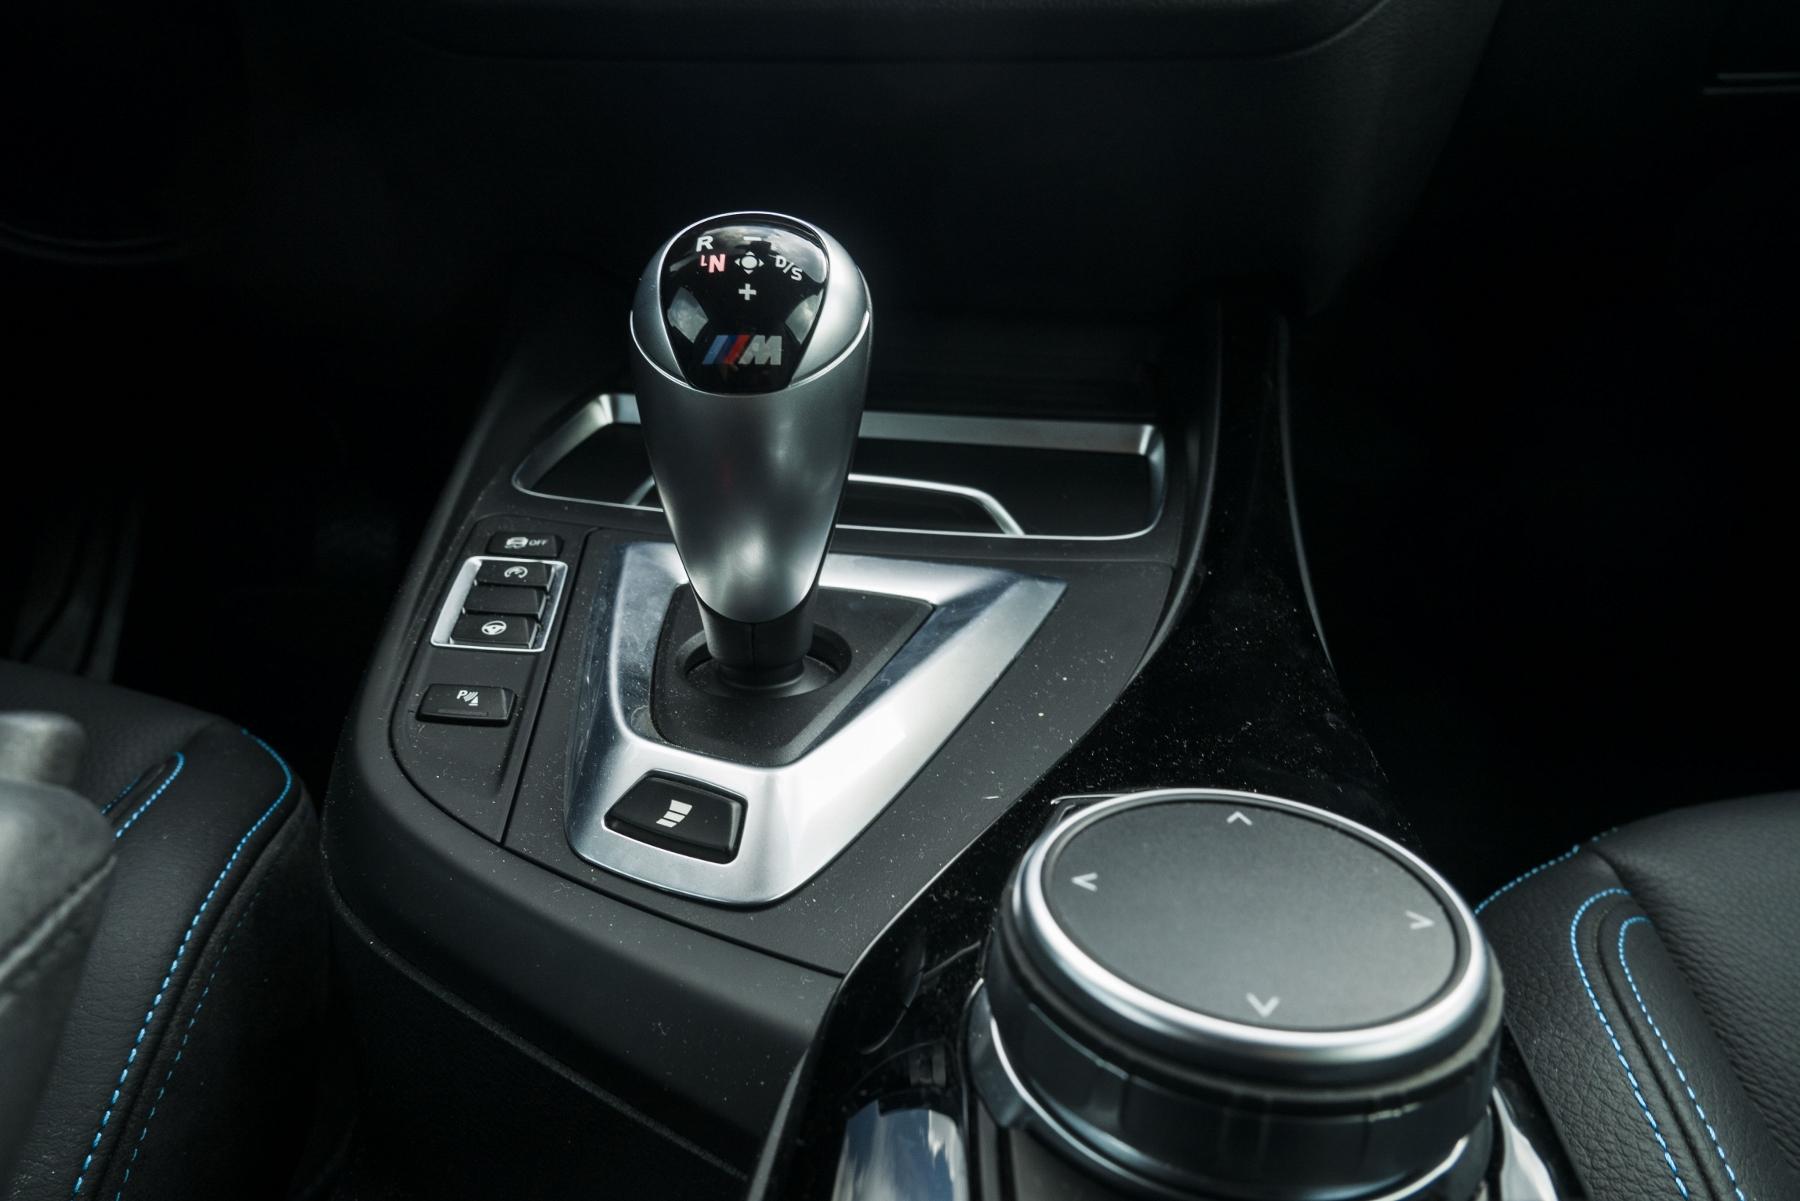 Test: BMW M2 Competition je nálož plná zábavy kRIwVIkd1S bmw-m2-17